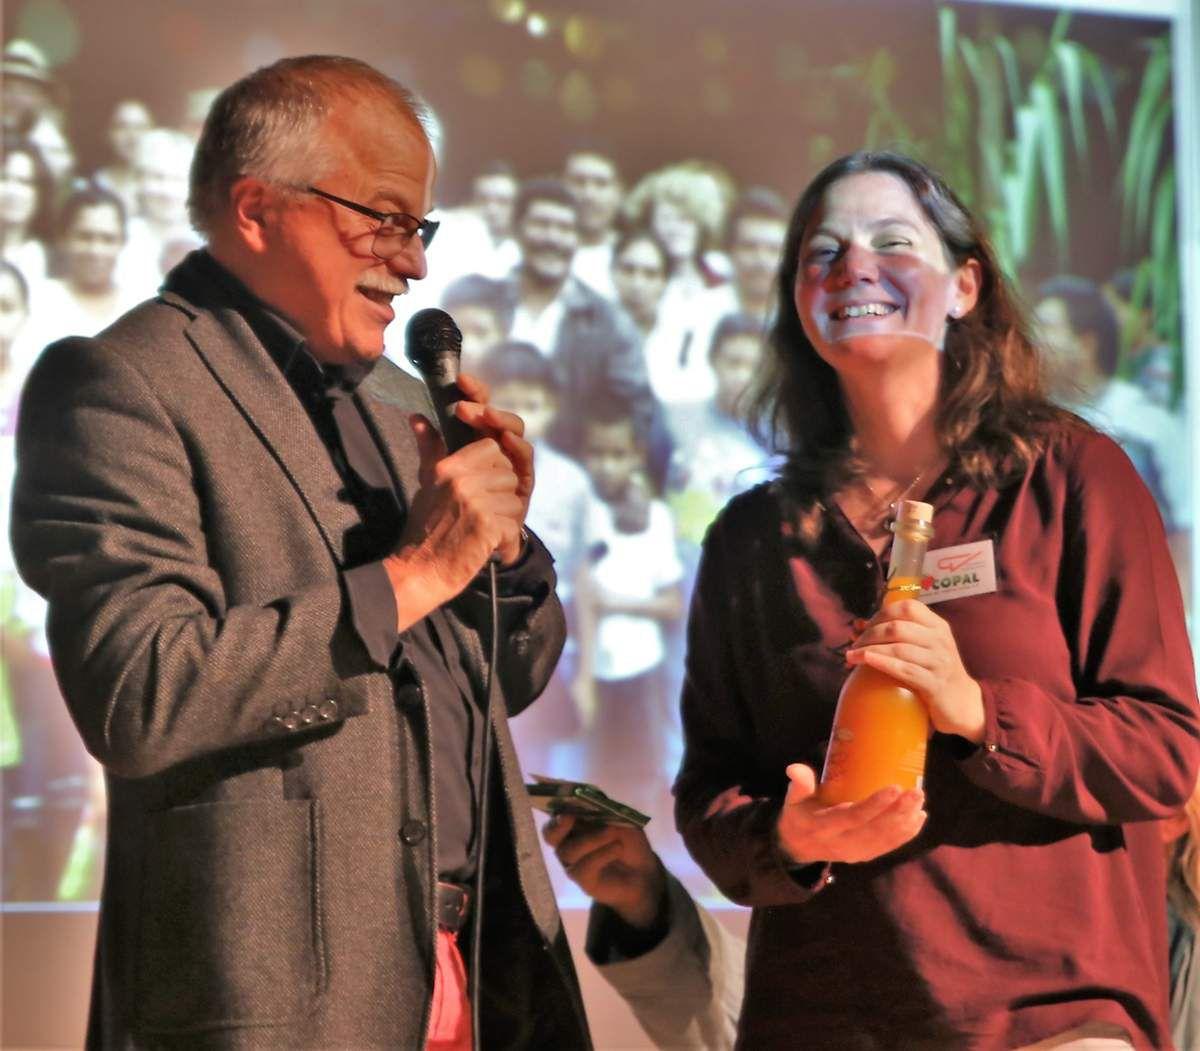 Als Anerkennung überreichte er an die Q12ler Kinokarten und an die Betreuungslehrerin Simone, der es gelang, die Schüler so toll für das Projekt zu begeistern, ein flüssiges Präsent.